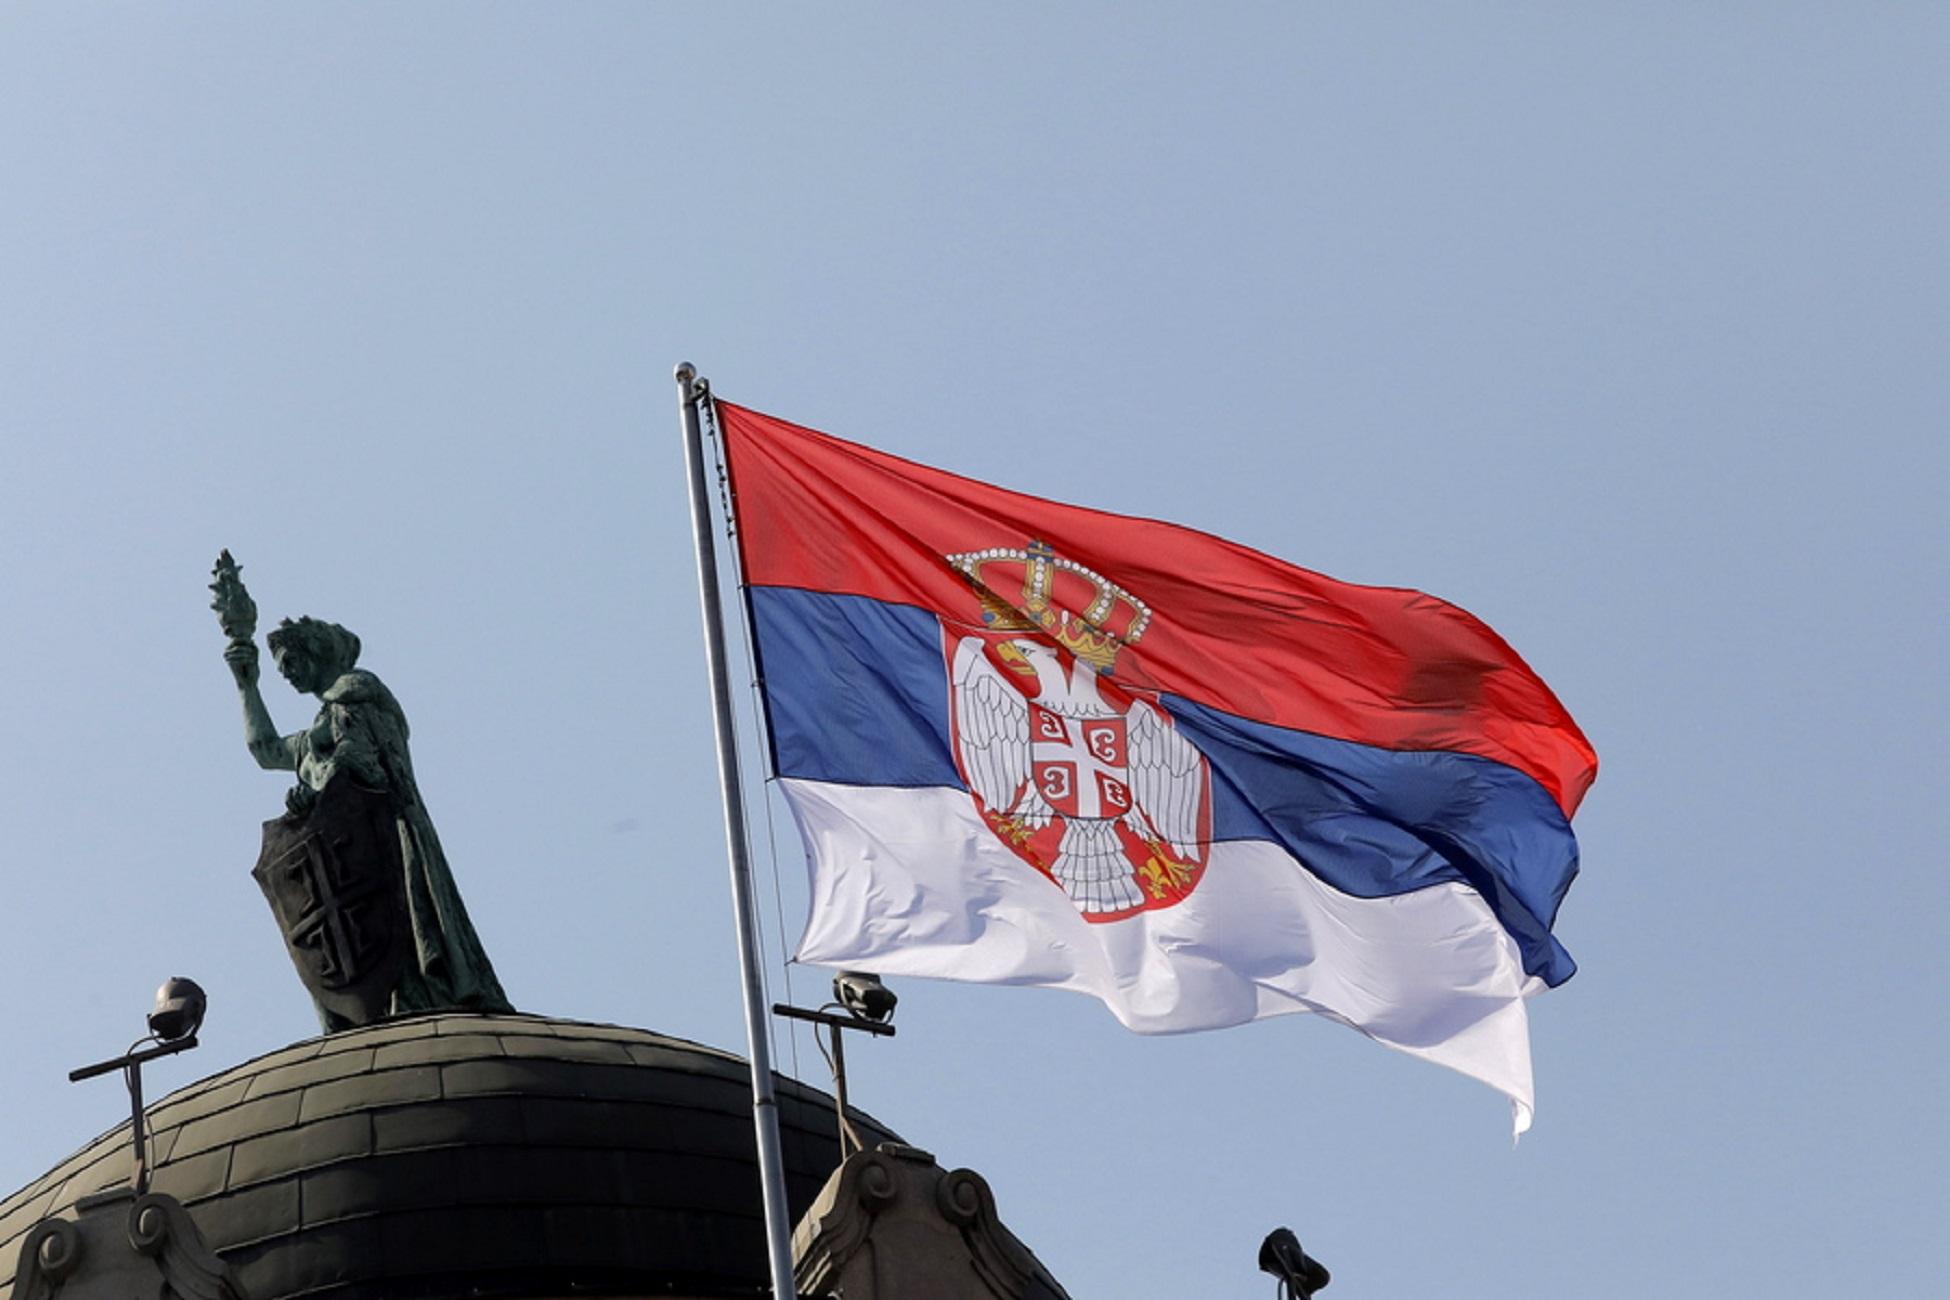 Σερβία – Κόσοβο: Ναυάγιο στις συνομιλίες αλλά θα υπάρξει και συνέχεια